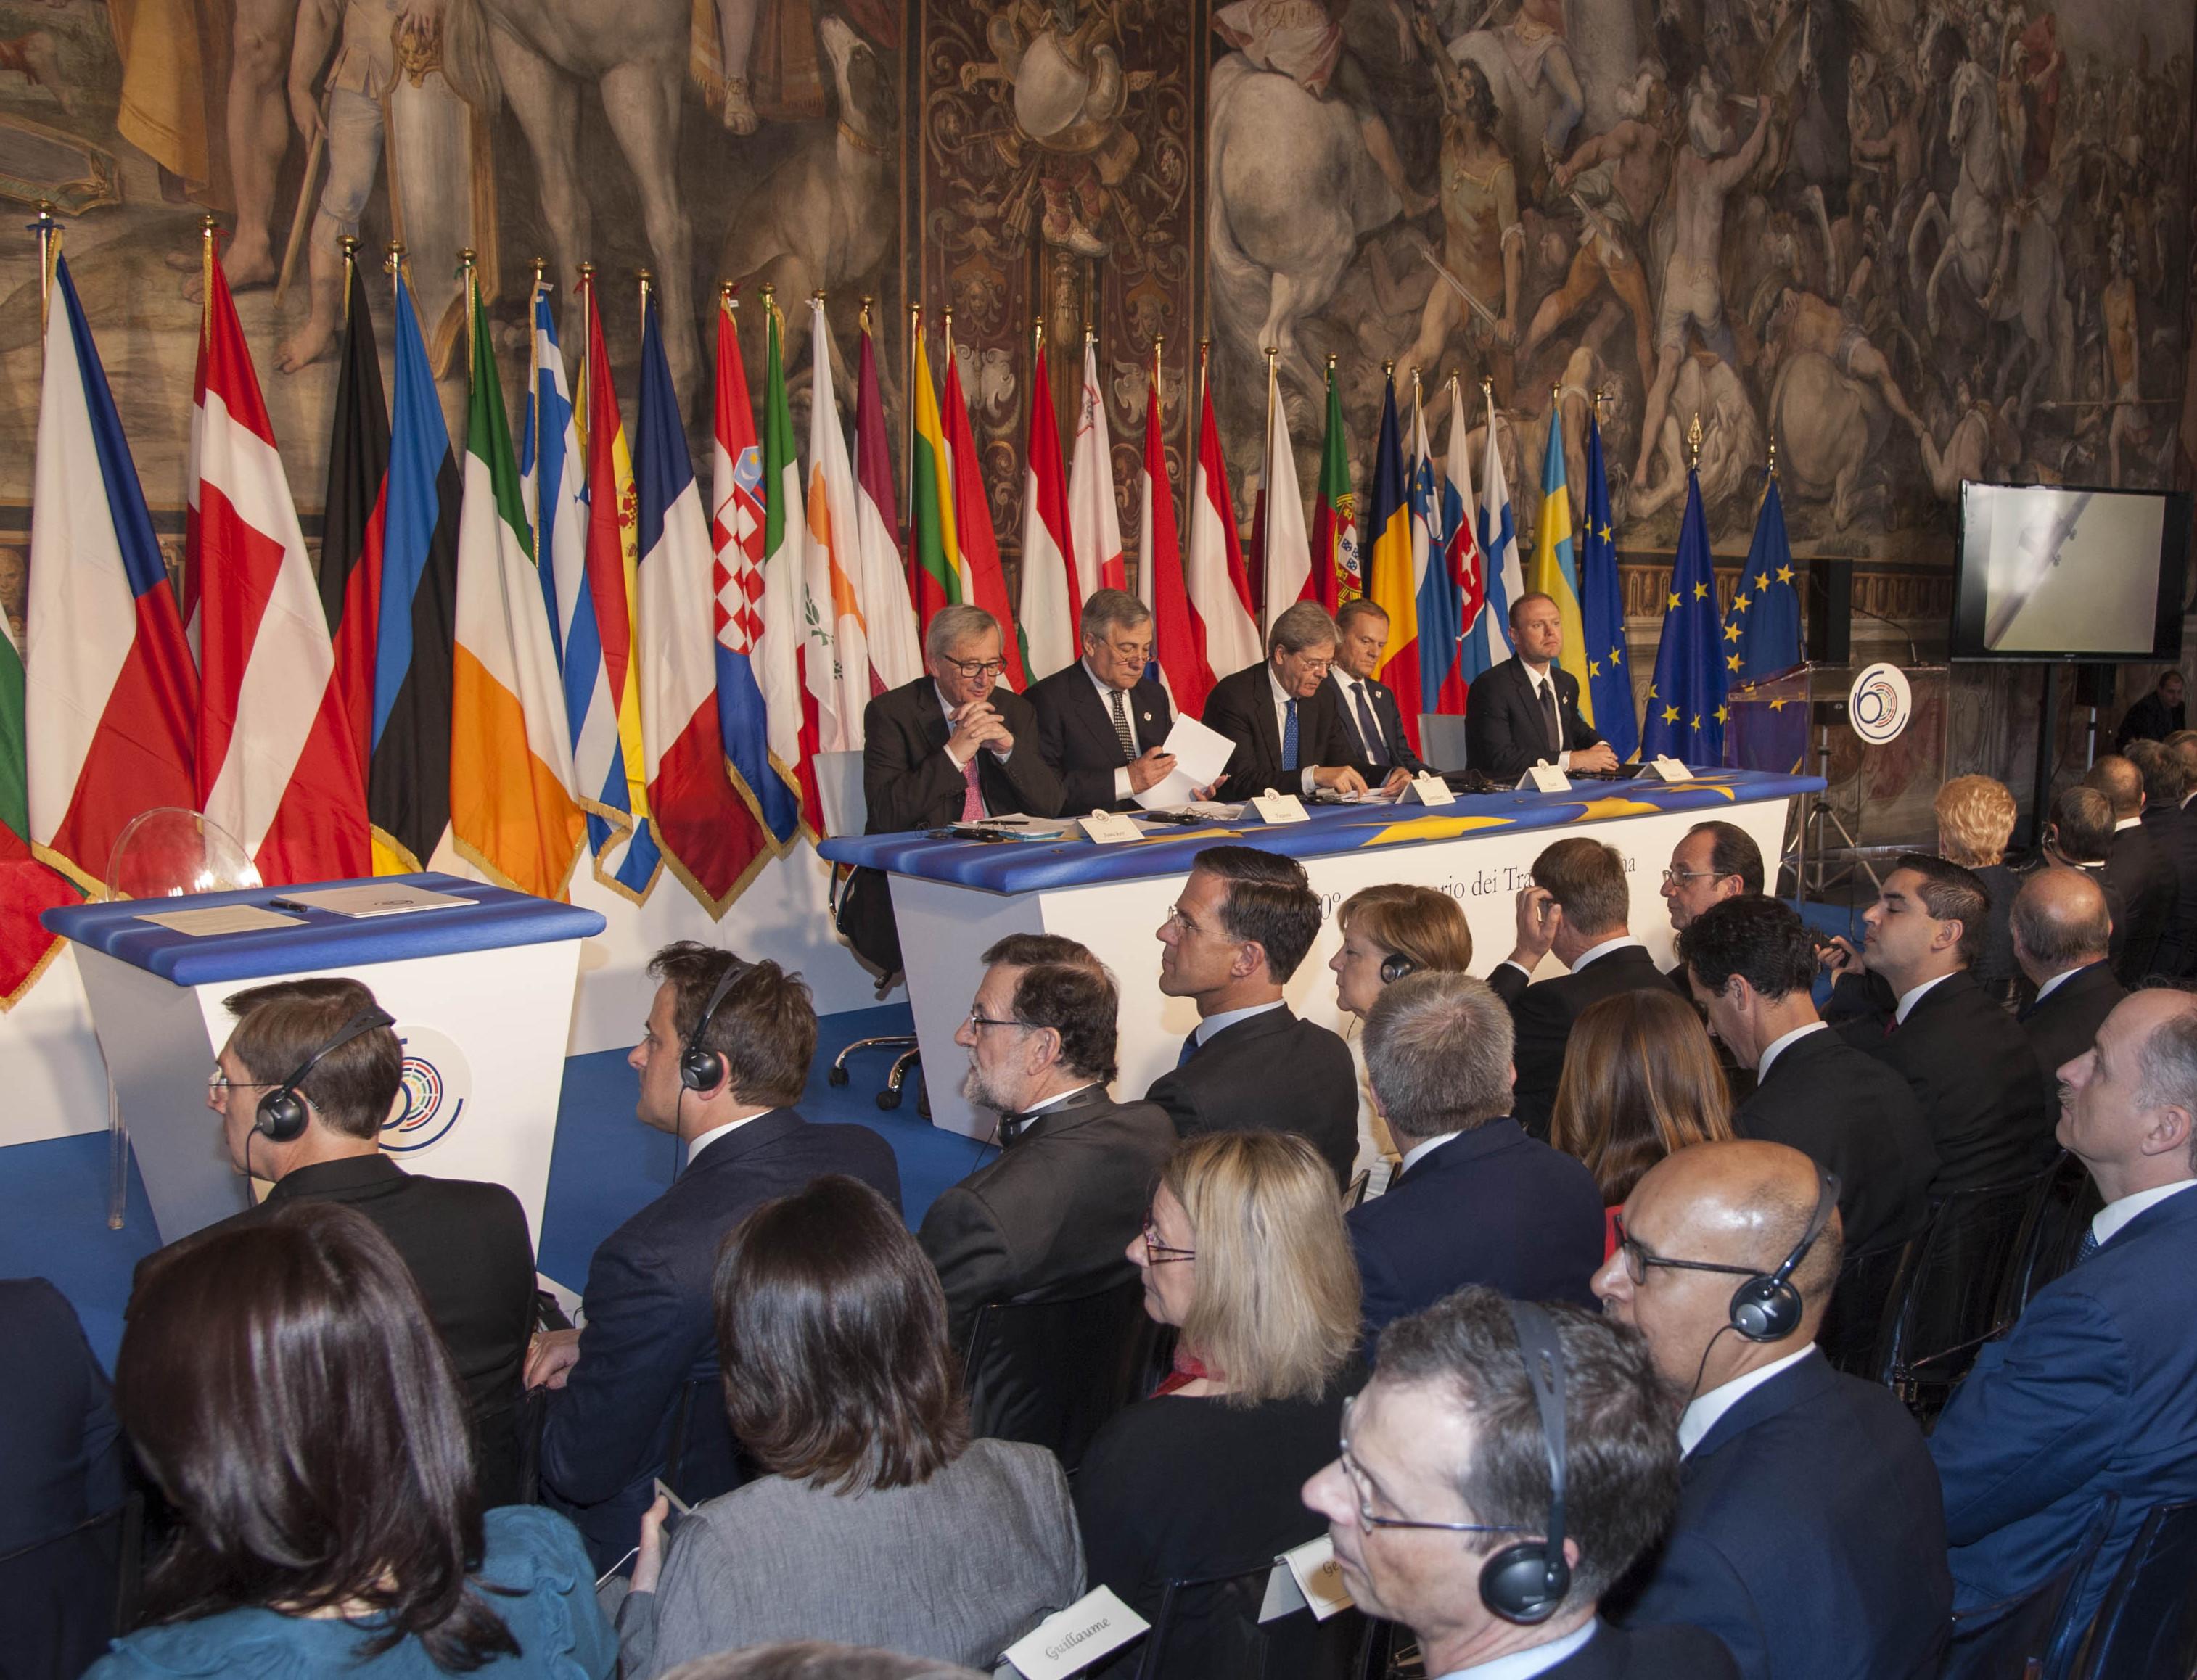 GRA011. ROMA, 25/03/2017.- Los jefes de Estado o de Gobierno de los 27 países de la Unión Europea (UE), sin Reino Unido, conmemoran hoy en la capital italiana el 60 aniversario de los Tratados de Roma y firmarán una declaración sobre el futuro del bloque comunitario. En la imagen los líderes de los Estados miembro de la UE, junto a autoridades comunitarias, entre ellos el jefe del Ejecutivo español, Mariano Rajoy (3-i, primera fila); la canciller alemana, Angela Merkel (5-i, primera fila, y el presidente francés, Francois Hollande (7-i, primera fila), al inicio de la ceremonia en el Campidoglio, sede del Ayuntamiento romano y donde en 1957 se firmaron los fundacionales Tratados de Roma. EFE/Antonello Nusca